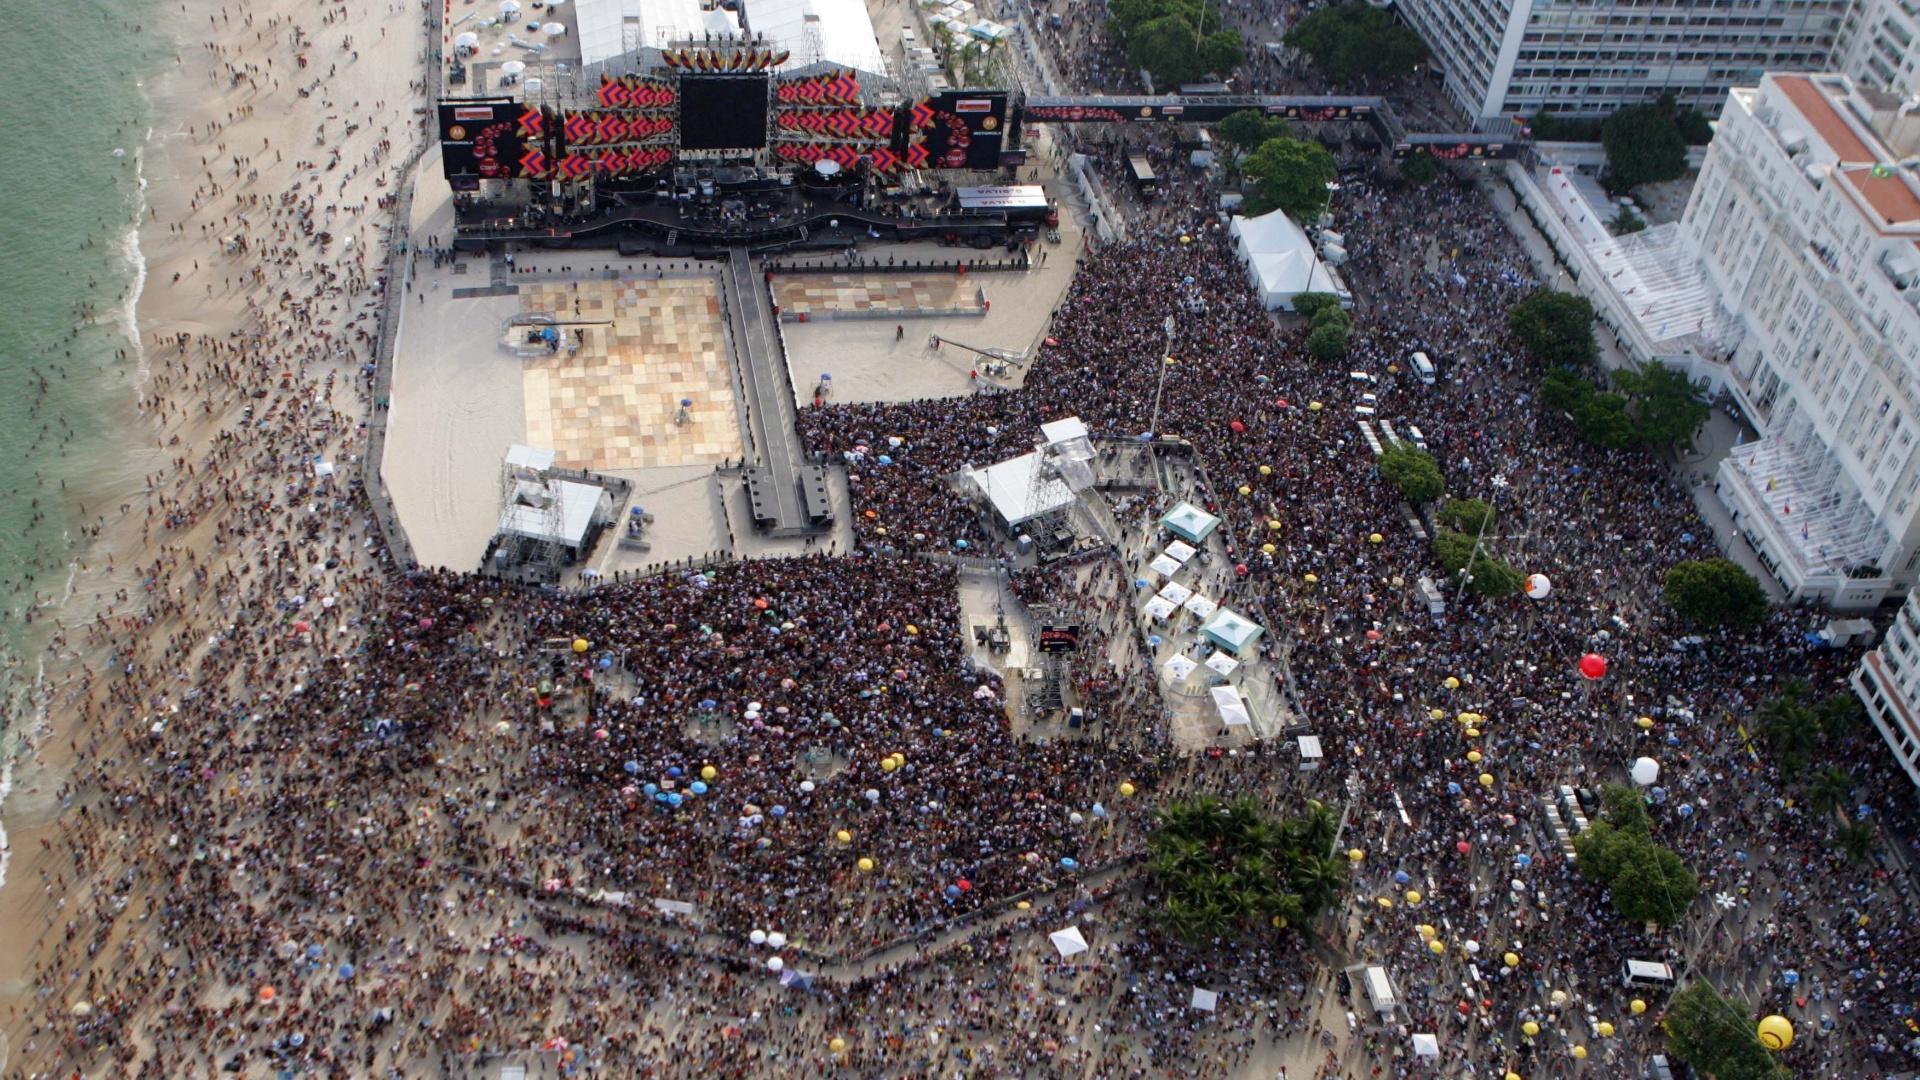 18.fev.2006 - Público começa a chegar para o show gratuito dos Rolling Stones na praia de Copacabana, no Rio de Janeiro, que reuniu 1,2 milhão de pessoas